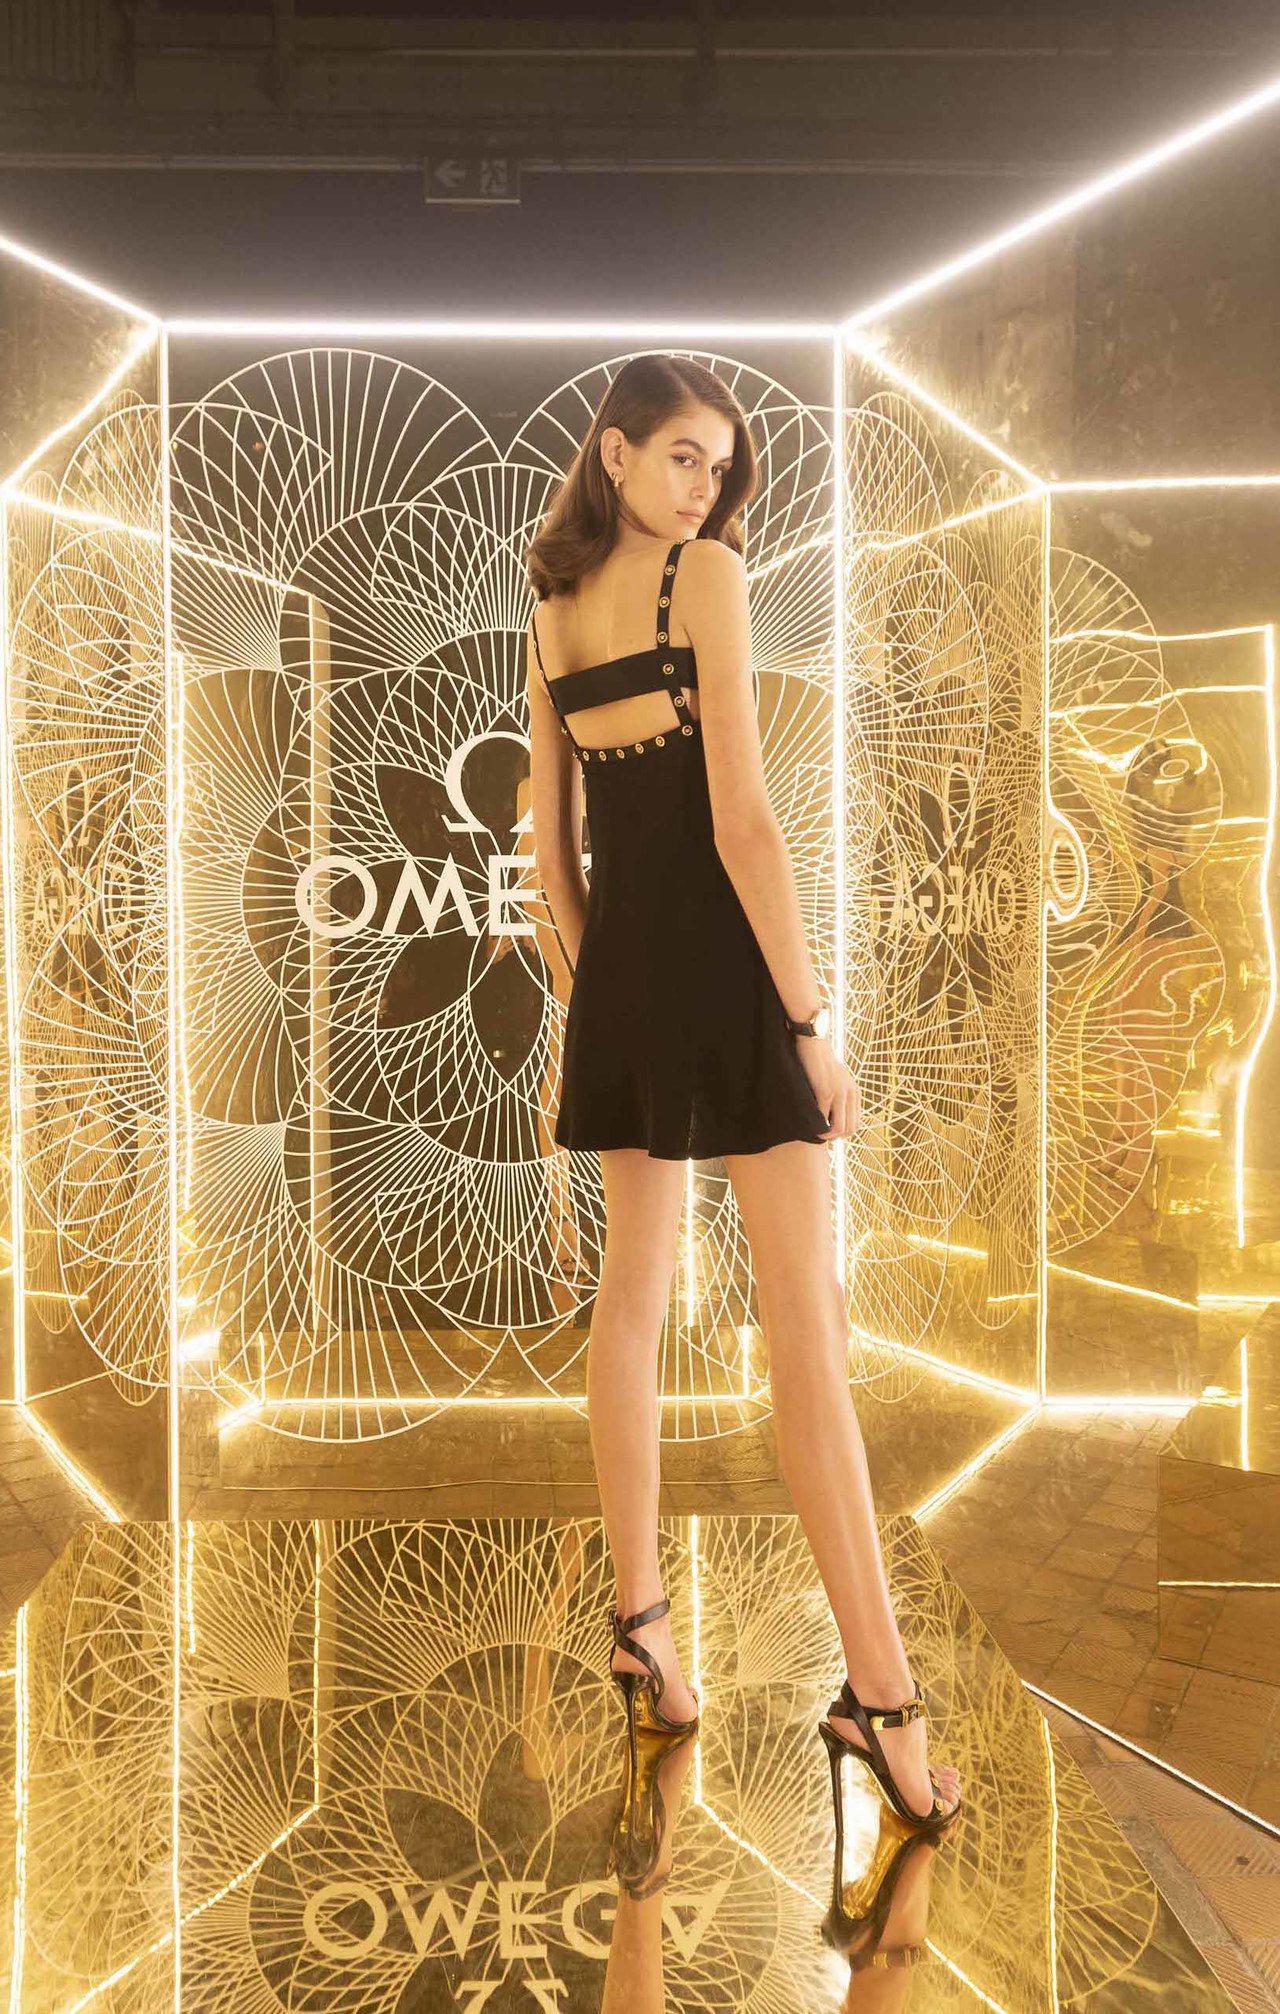 歐米茄代言人凱亞葛柏日前出品牌活動,秀出完美比例的大長腿。圖/OMEGA提供